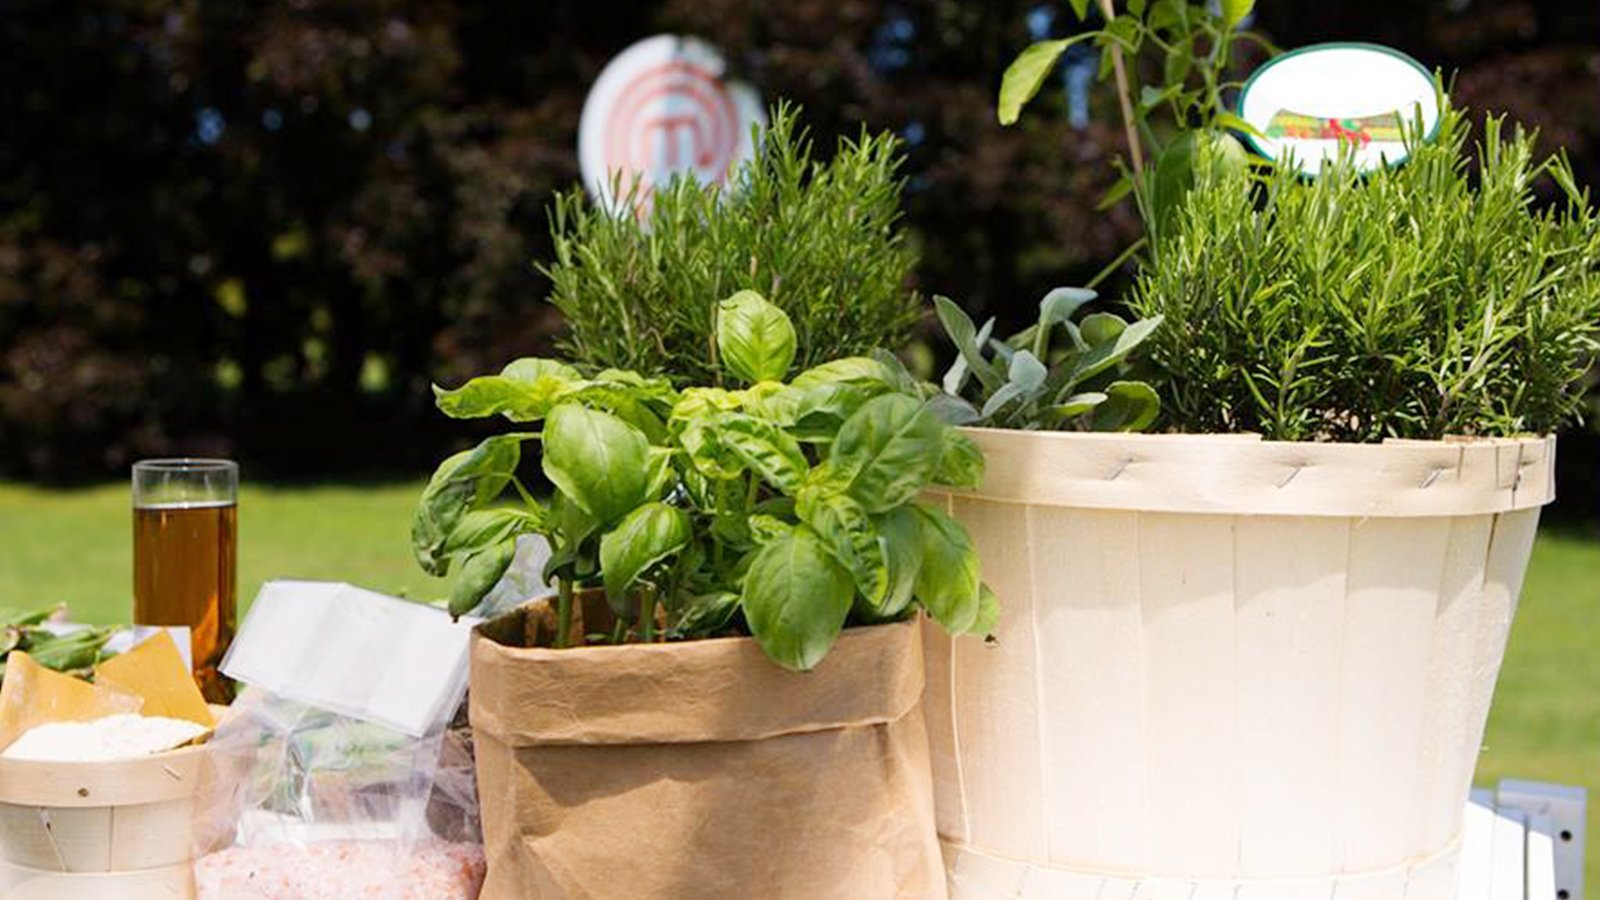 vasi di erbe aromatiche su tavolo in giardino